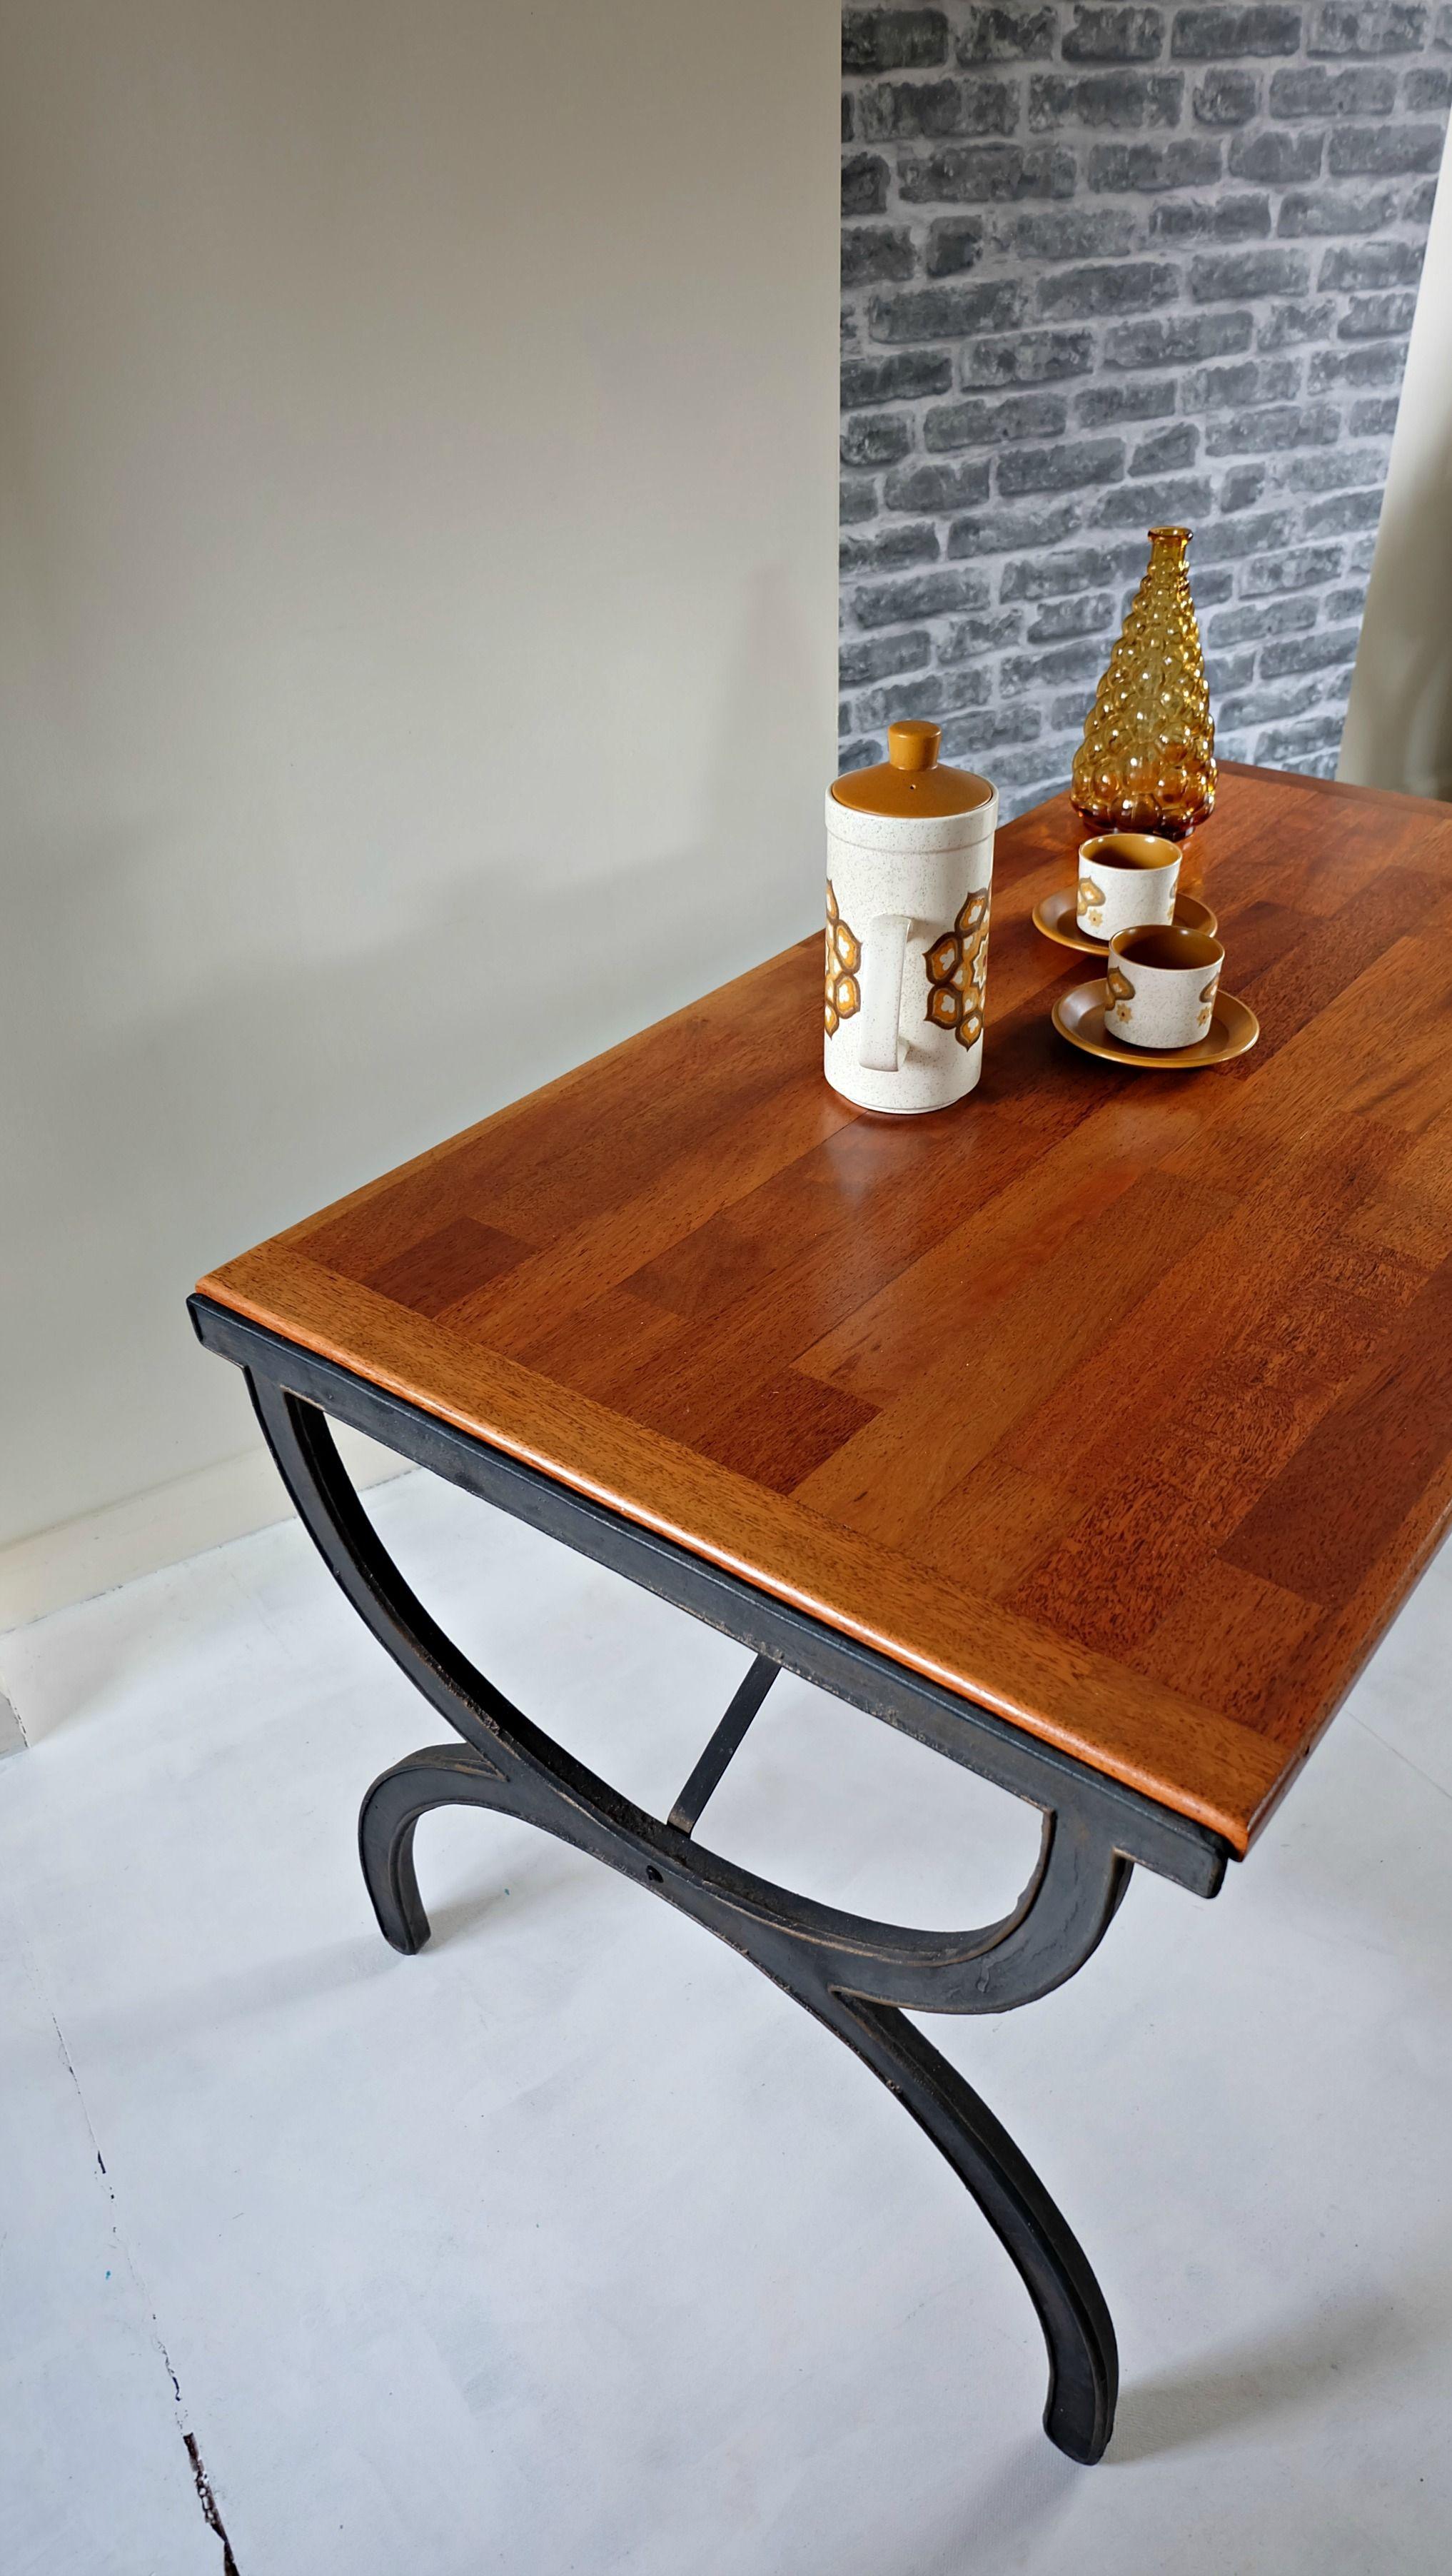 Bar Table Cafe Table High Table A Frame Table Standing Table - Standing cafe table